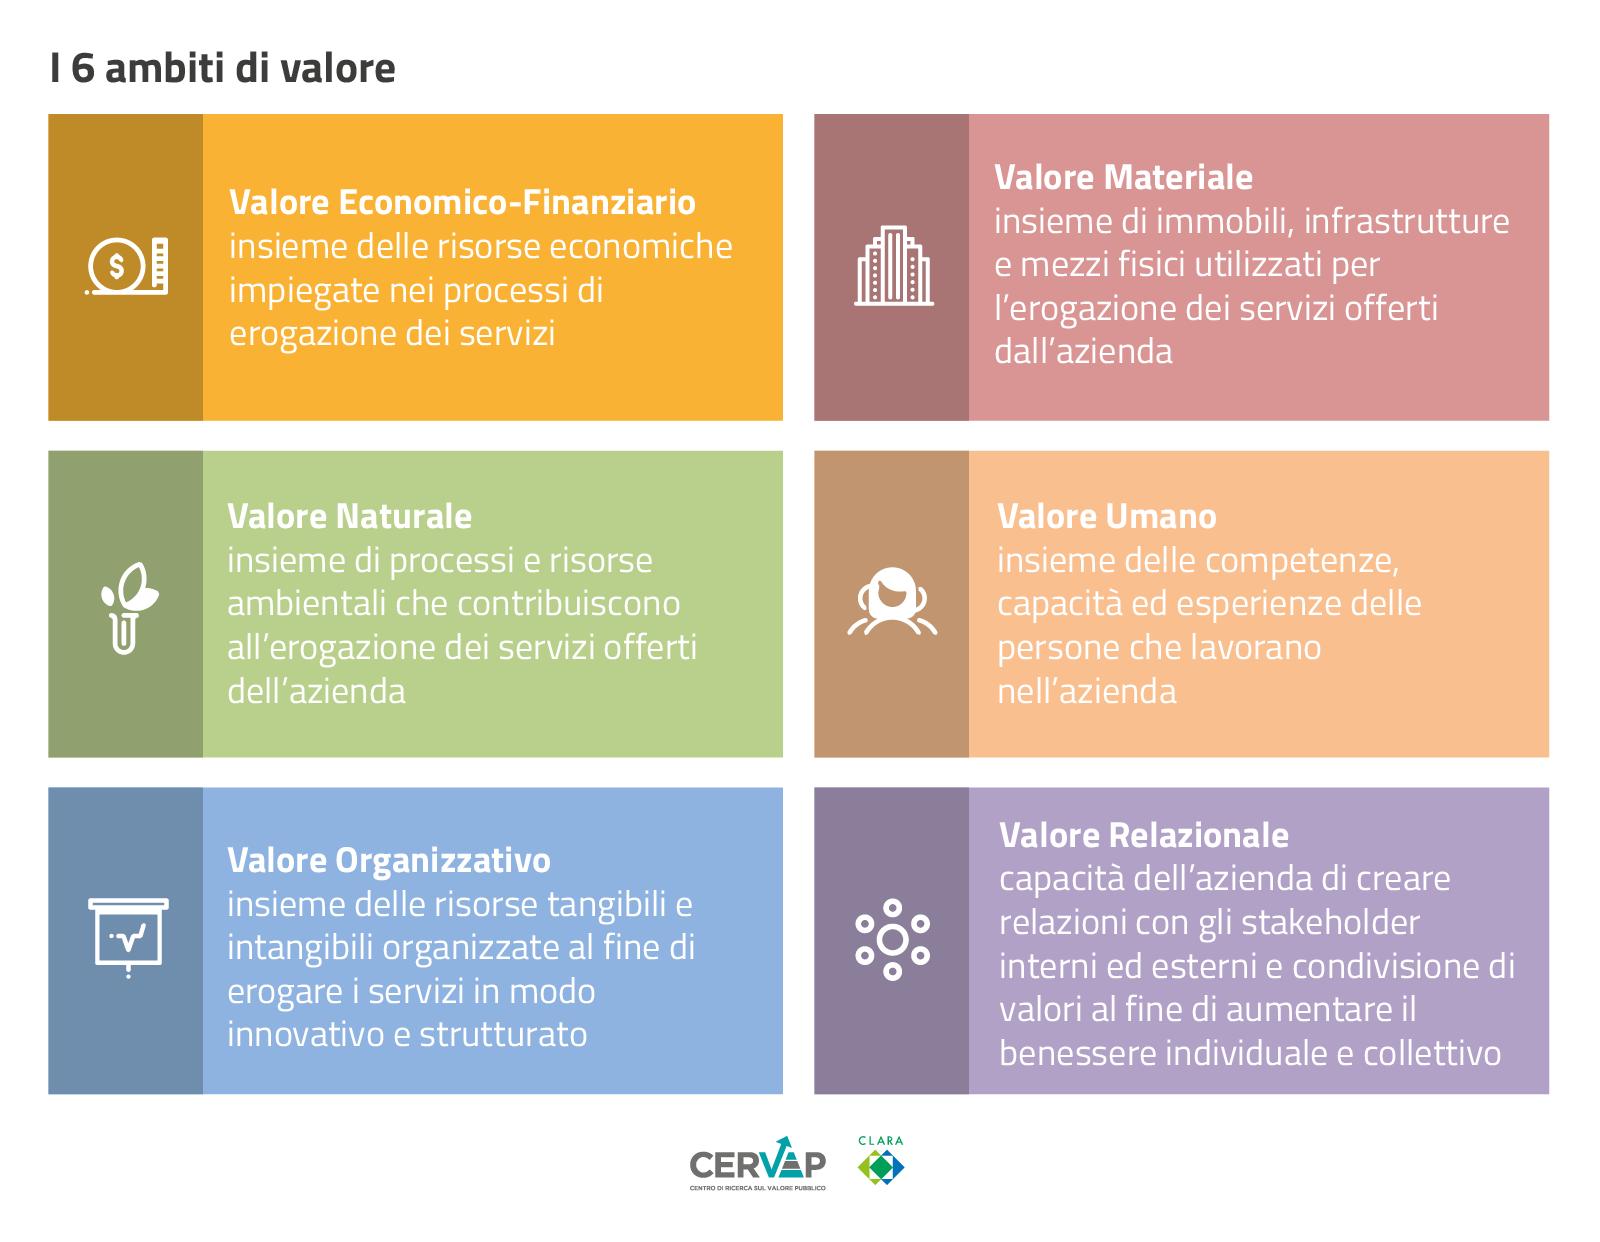 I 6 Valori del report sul Valore Pubblico di Clara SpA